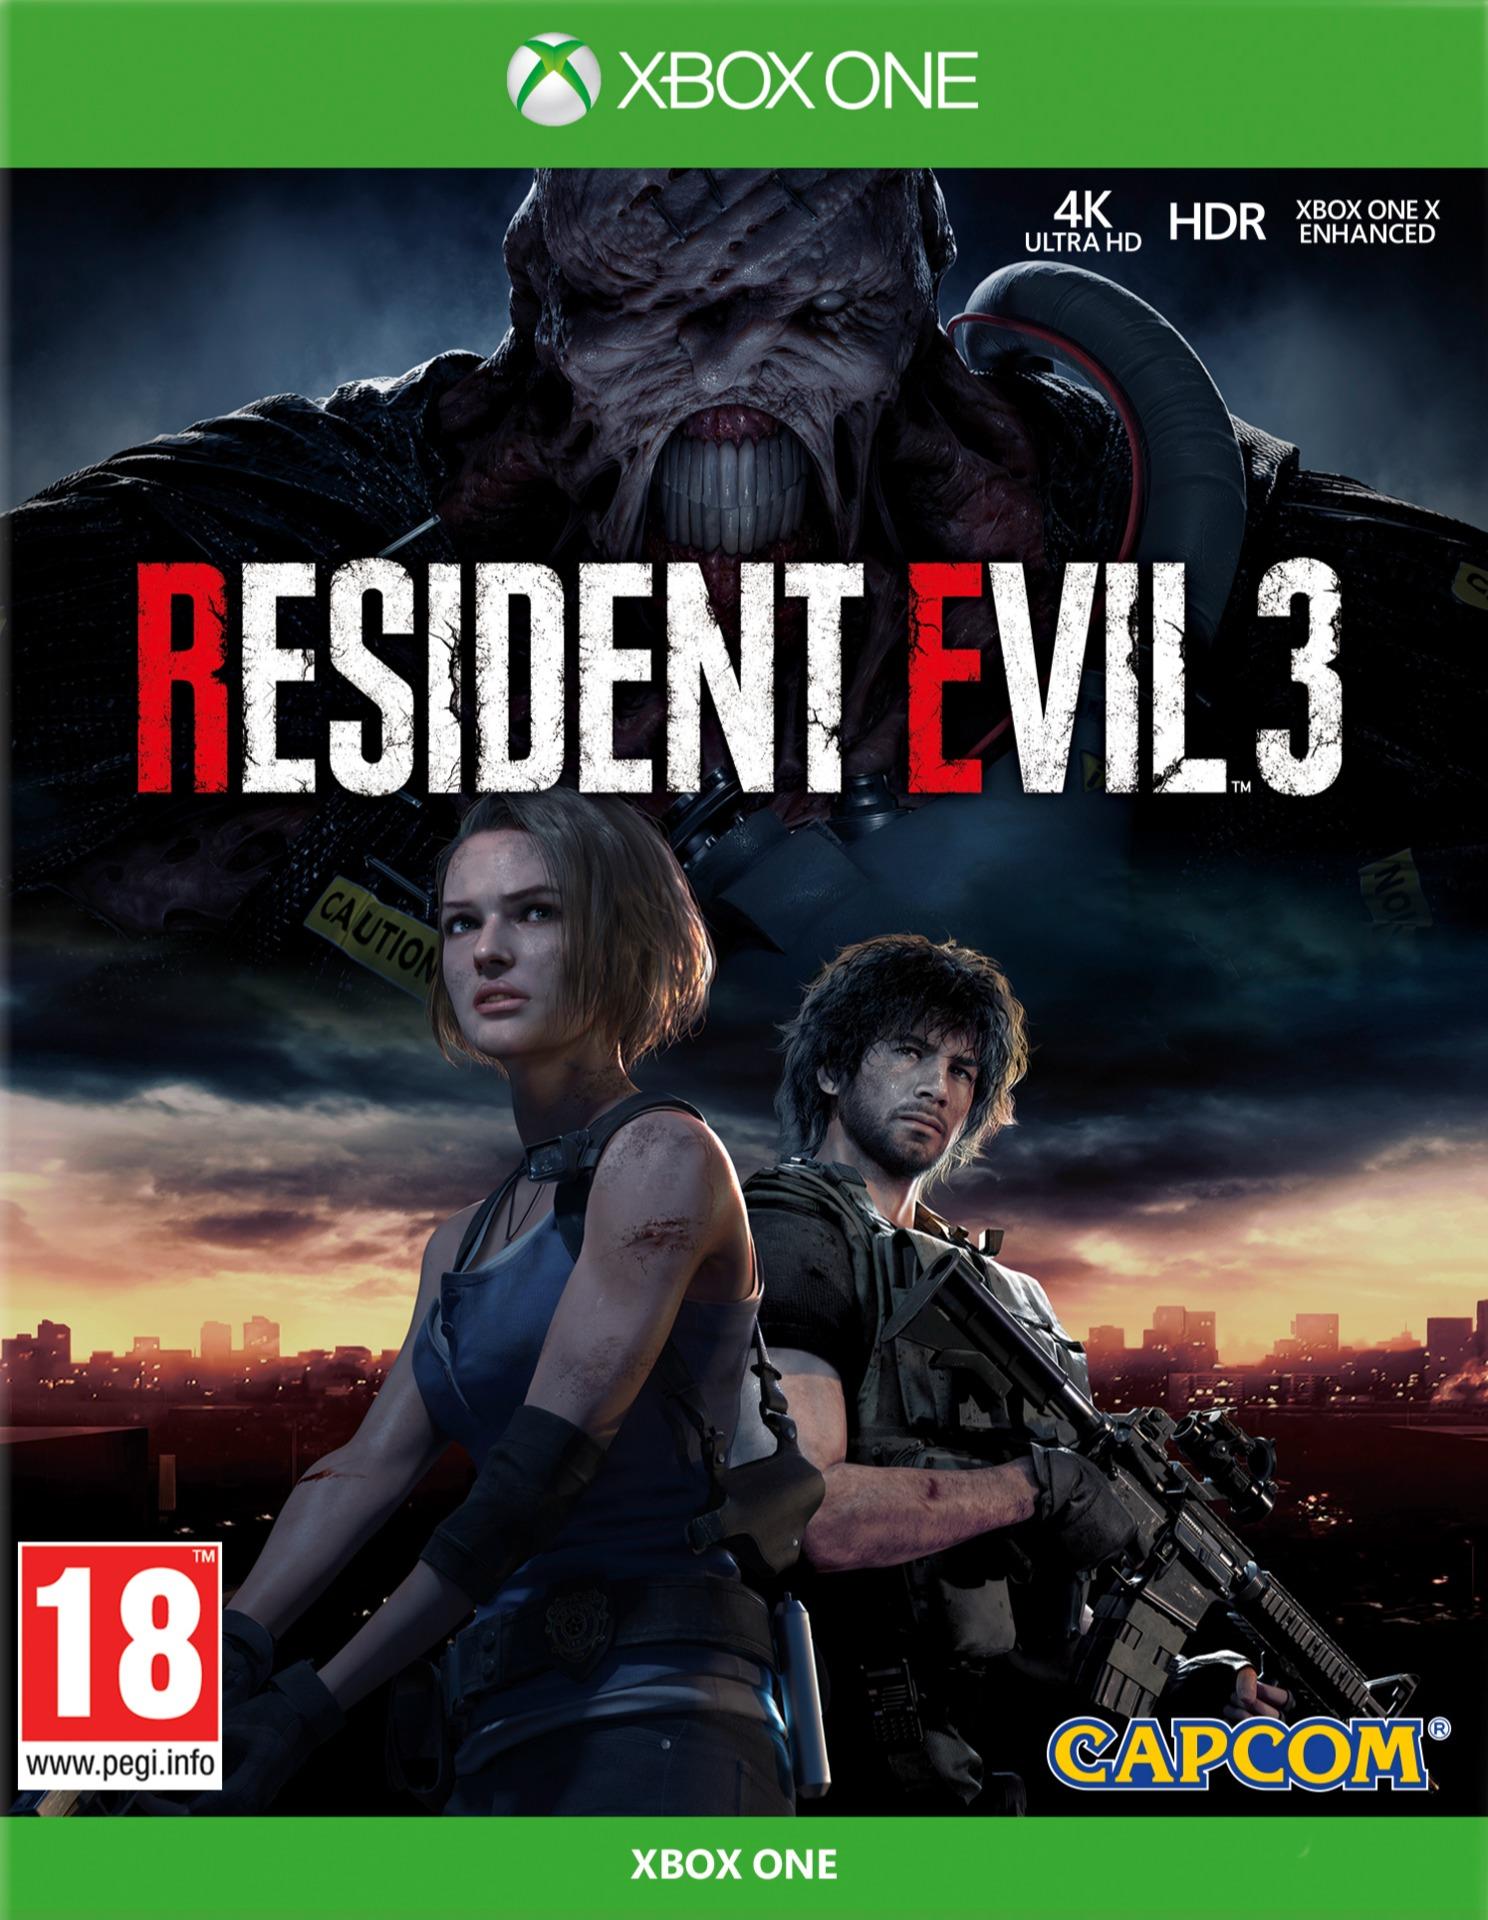 Resident Evil 3 (XBOX)